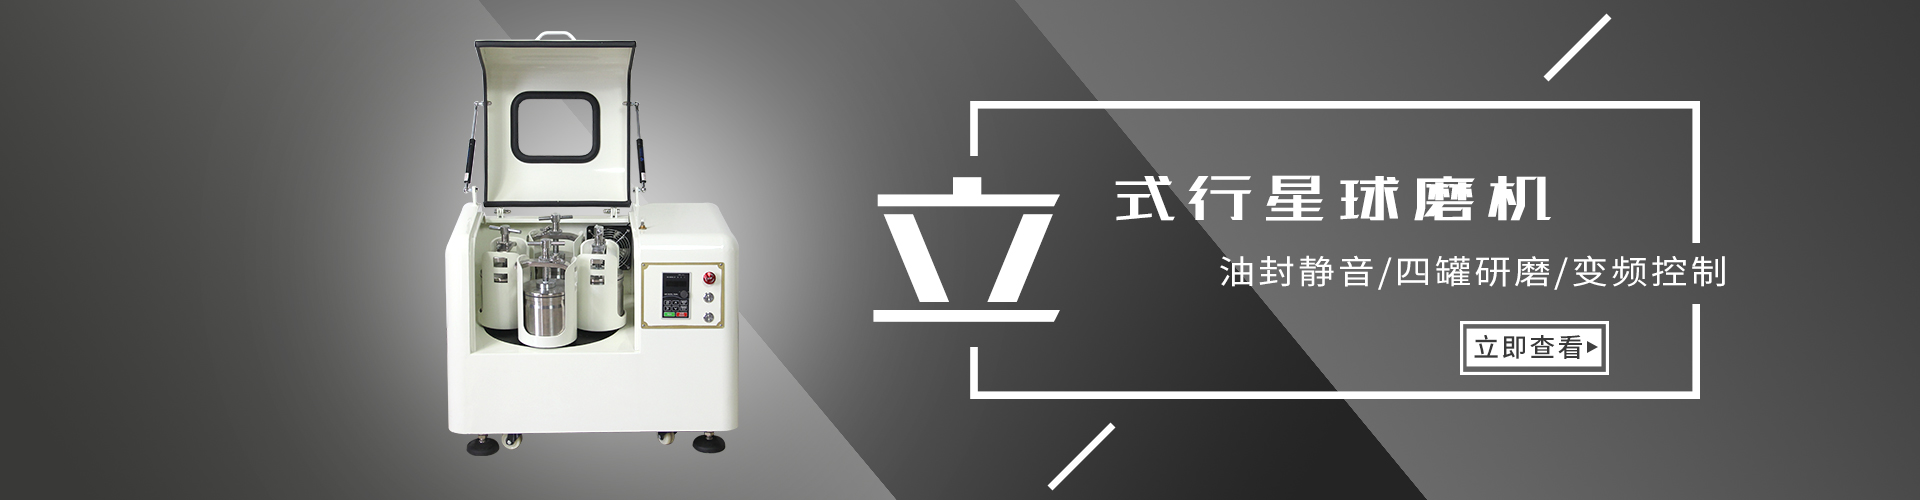 长沙米淇仪器设备有限公司